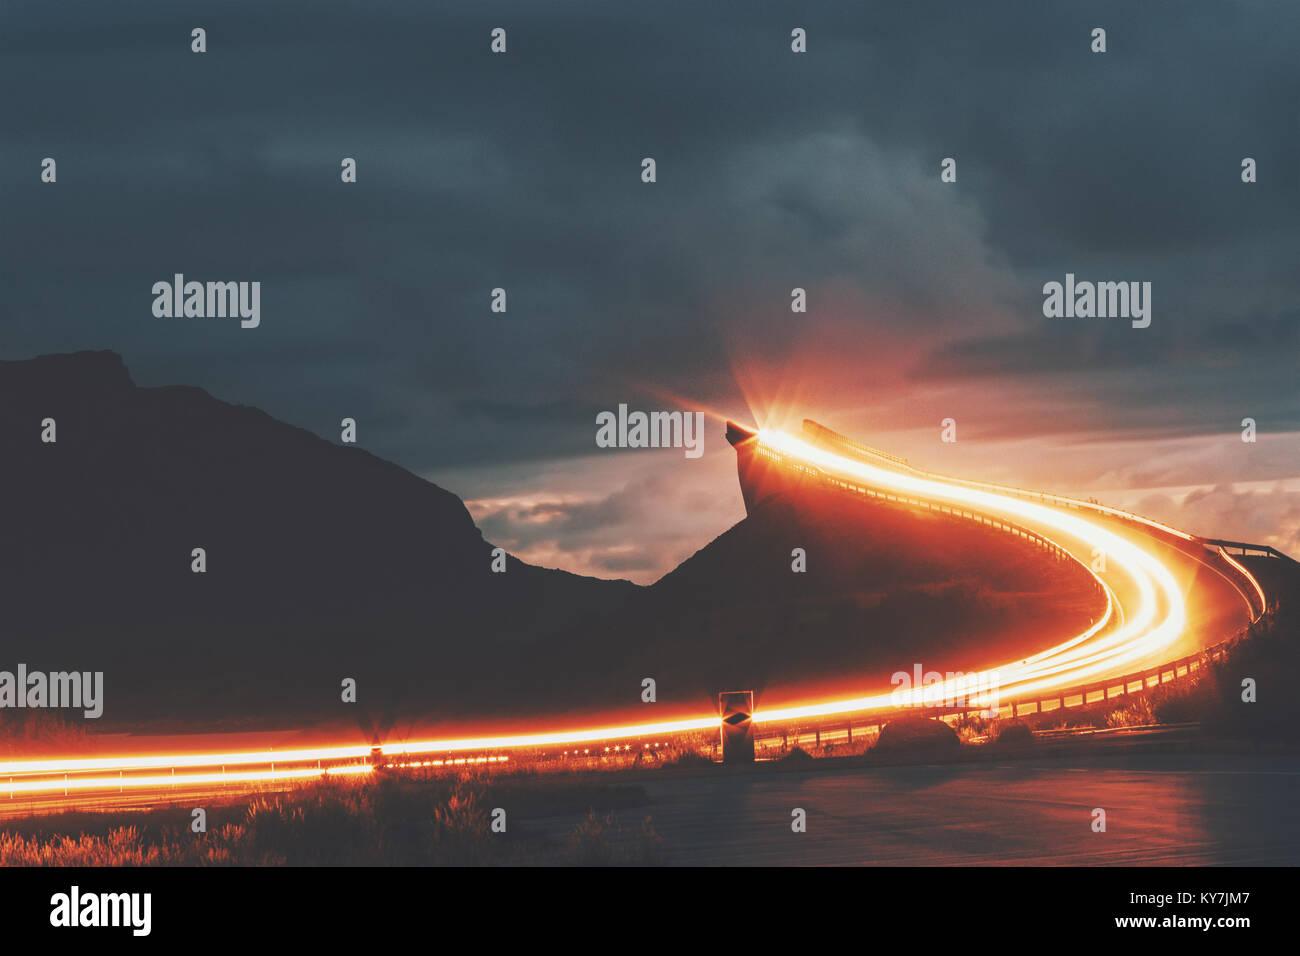 Atlantic road in Norway night Storseisundet bridge over ocean way to sky scandinavian travel landmarks - Stock Image